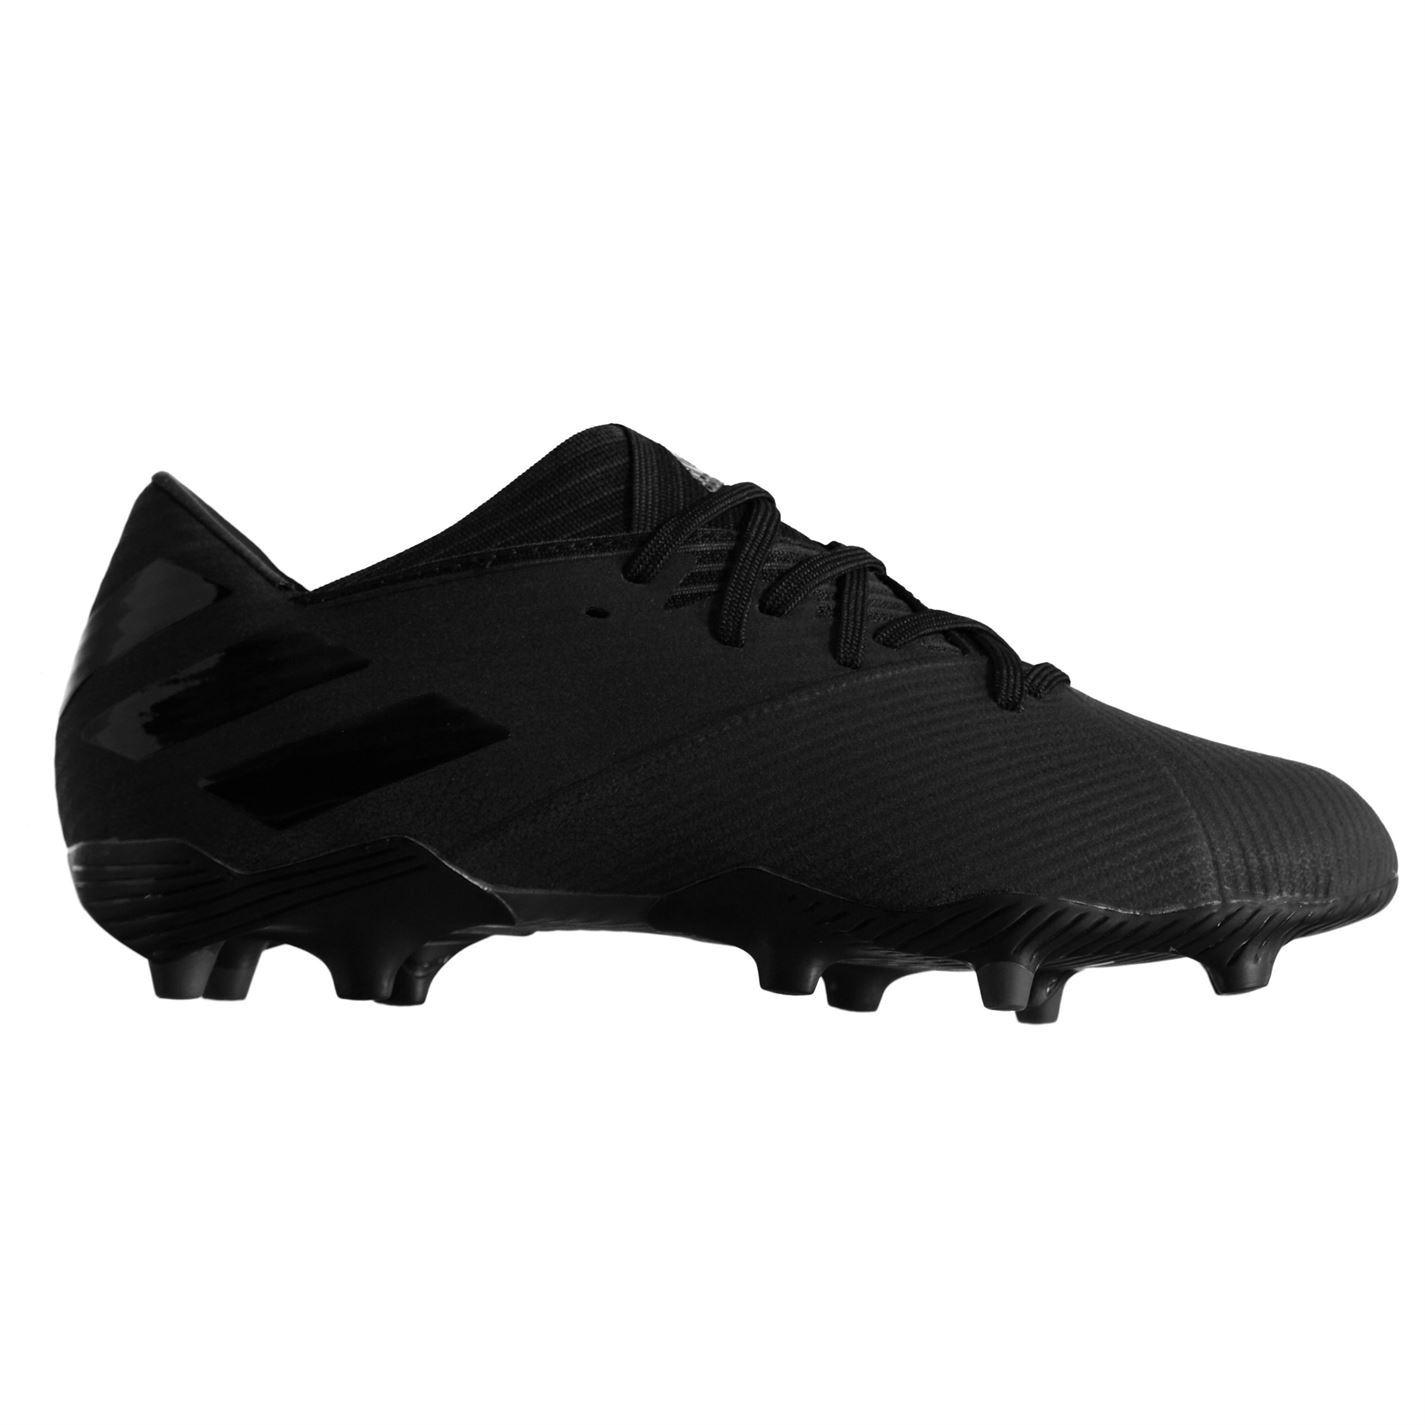 Adidas-nemeziz-19-2-Firm-Ground-FG-Chaussures-De-Football-Hommes-Soccer-Crampons-Chaussures miniature 5